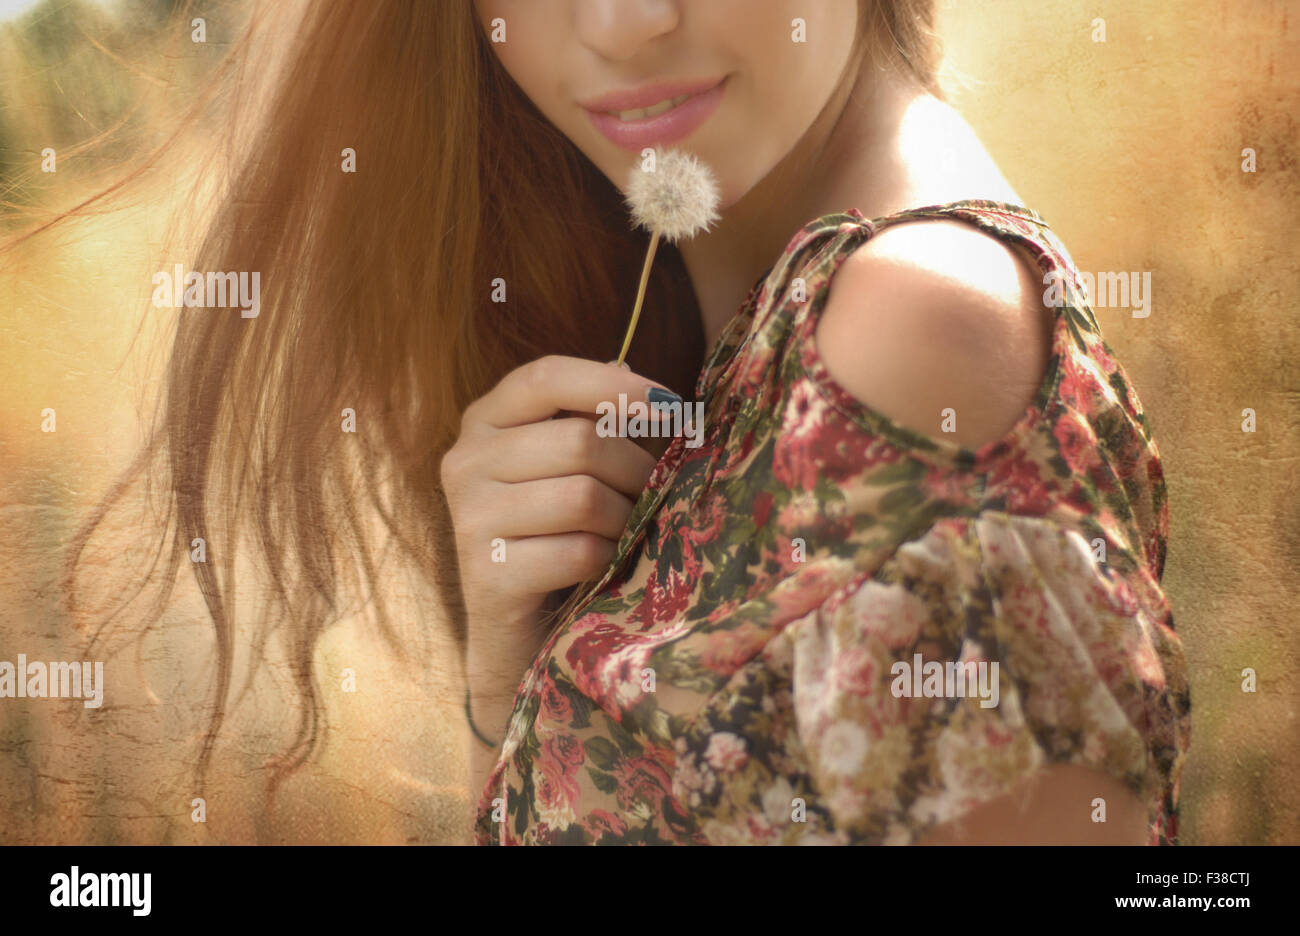 La moitié de visage d'une femme aux cheveux blonds pissenlit lèvres rose Banque D'Images